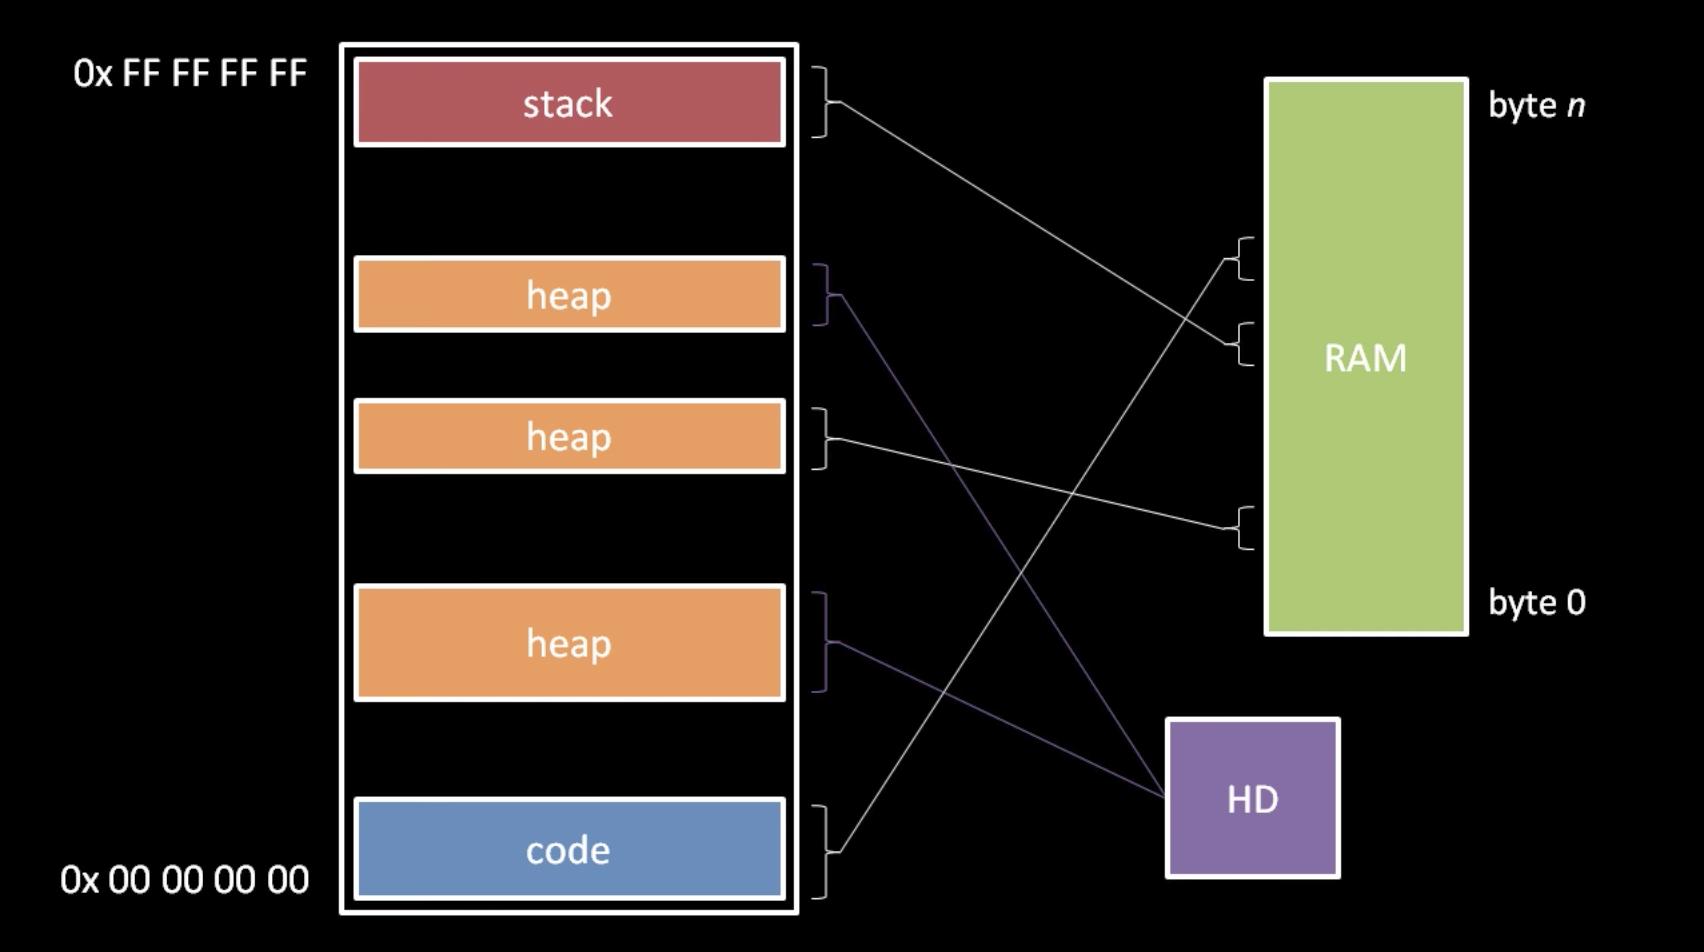 OS_c_program_memory_layout_2